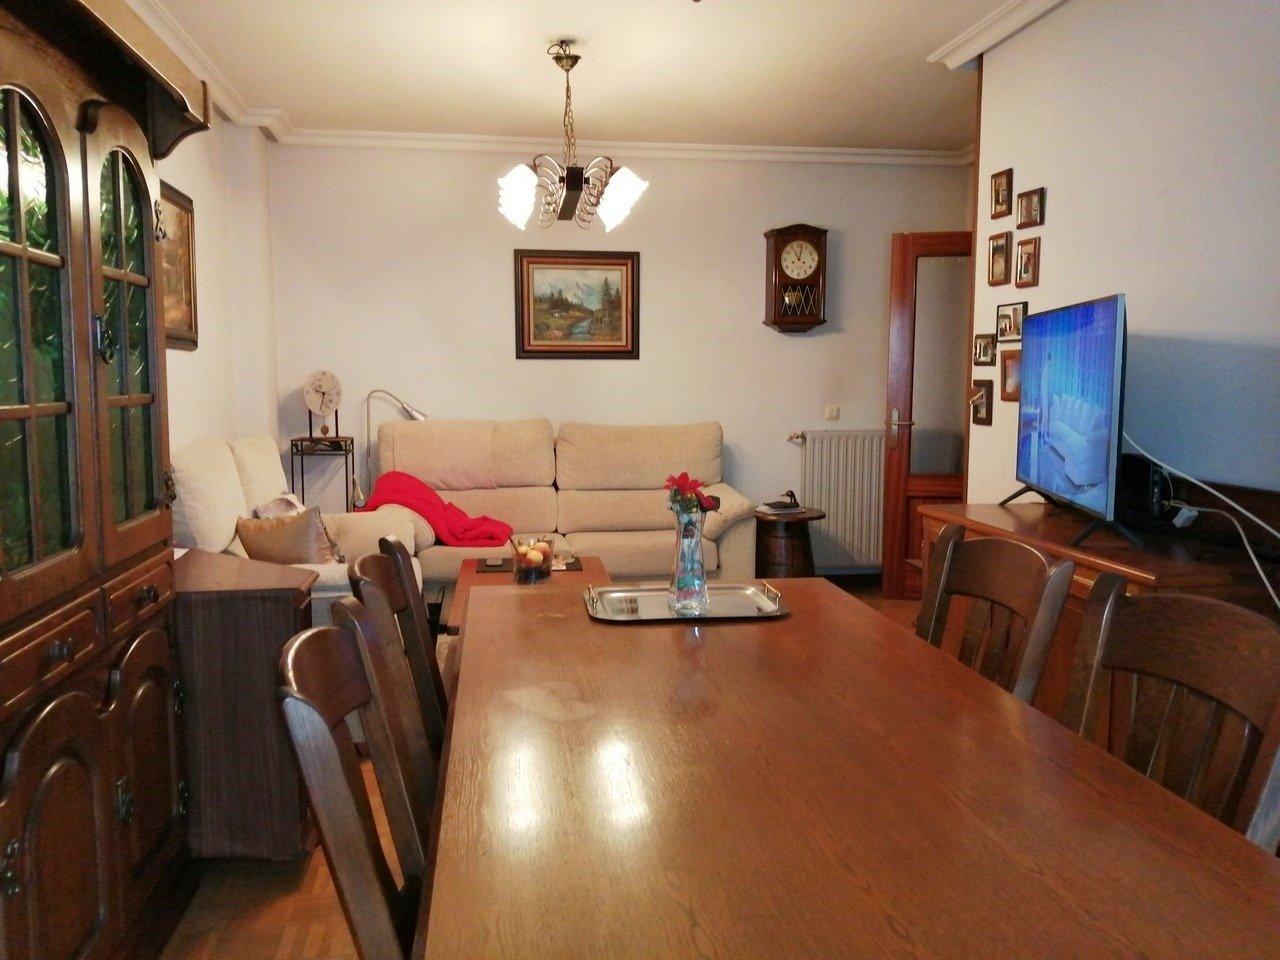 Estupendo para segunda vivienda y para vivienda habitual - imagenInmueble2